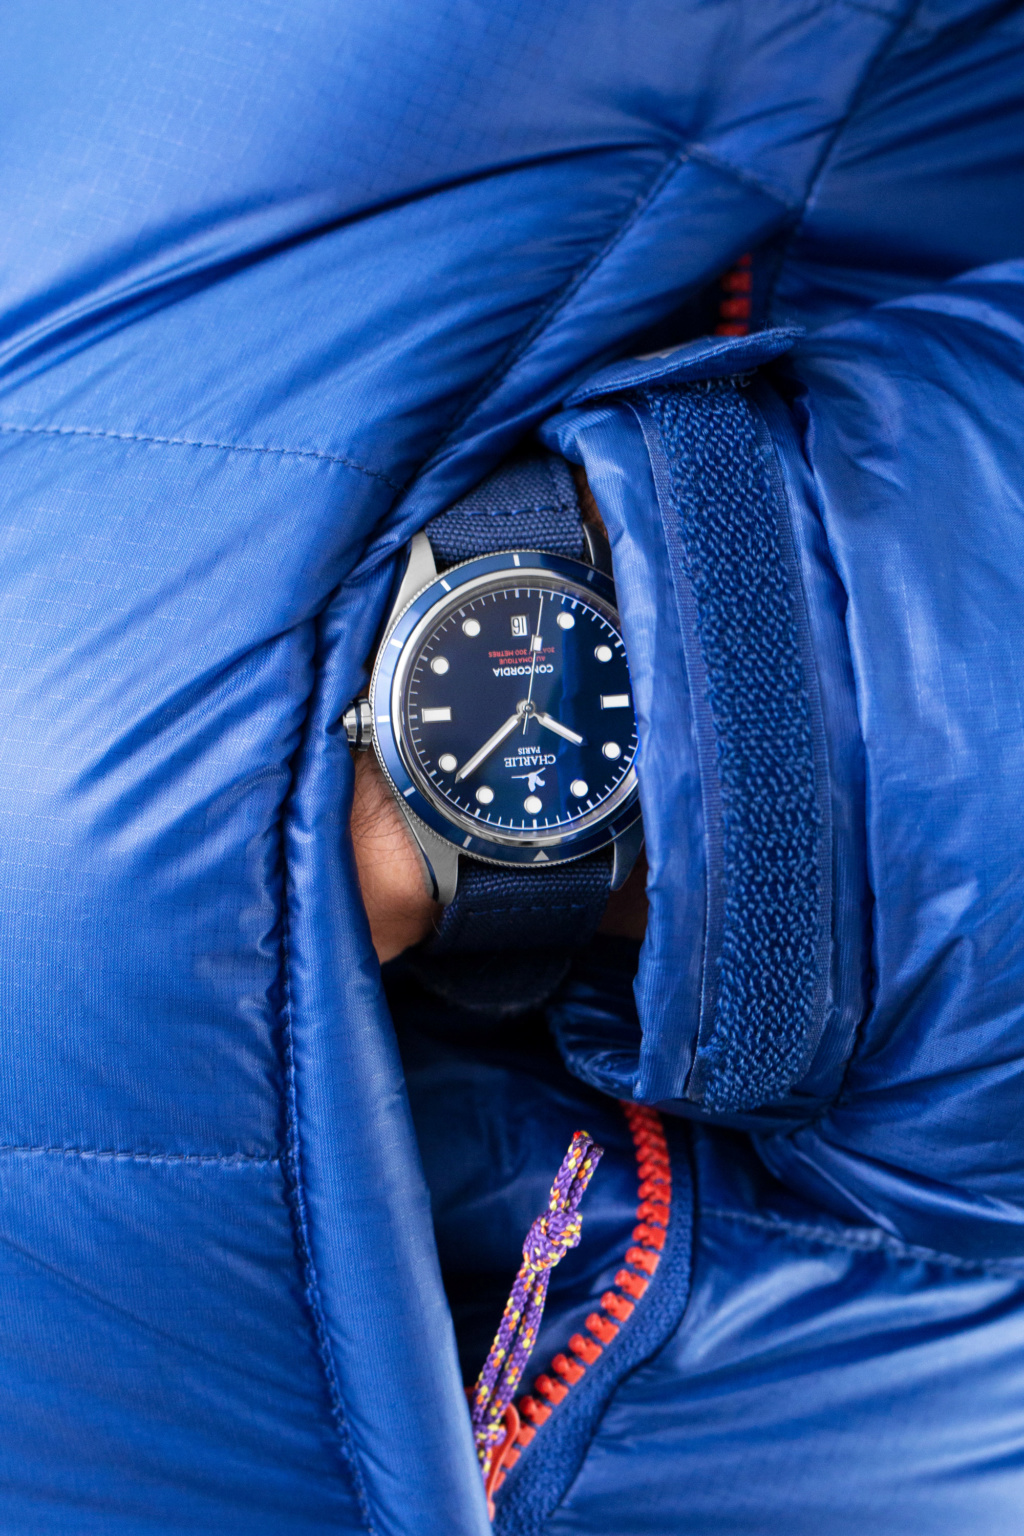 Lancement de la Concordia, montre plongeuse par Charlie Paris Concor15